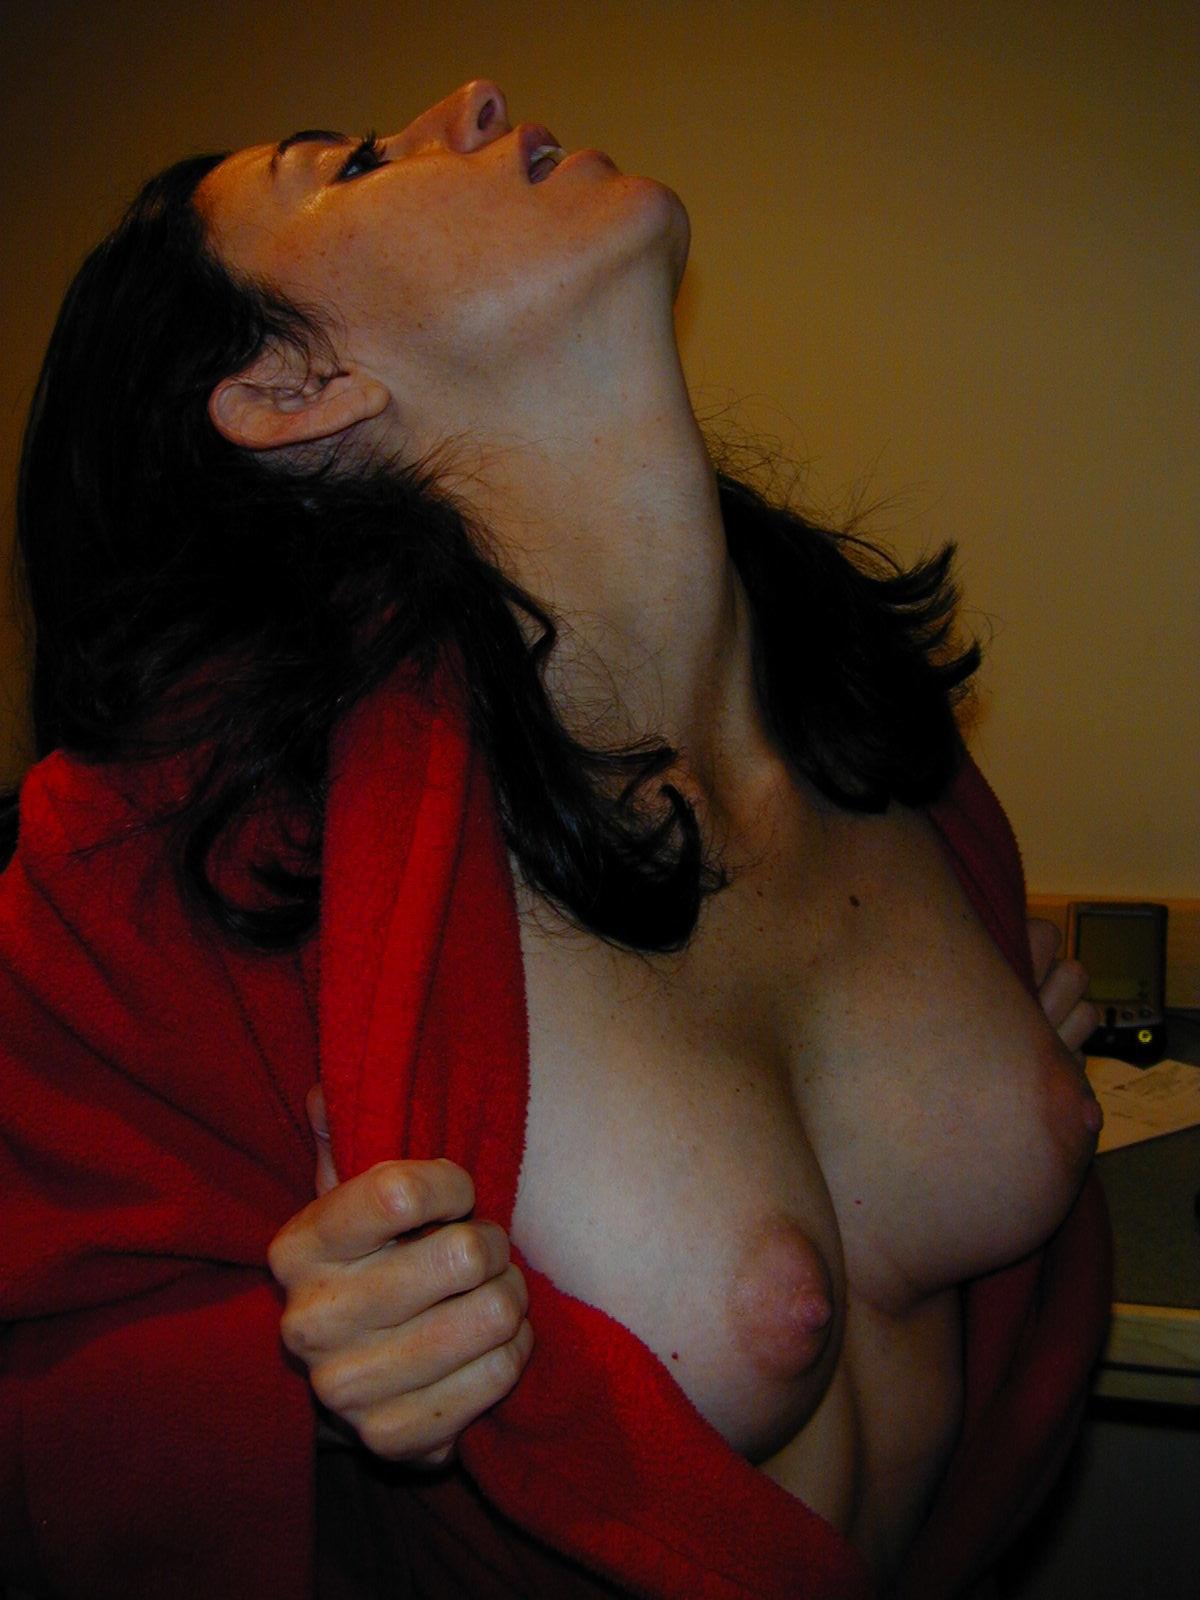 Соски женщины в возрасте 18 фотография